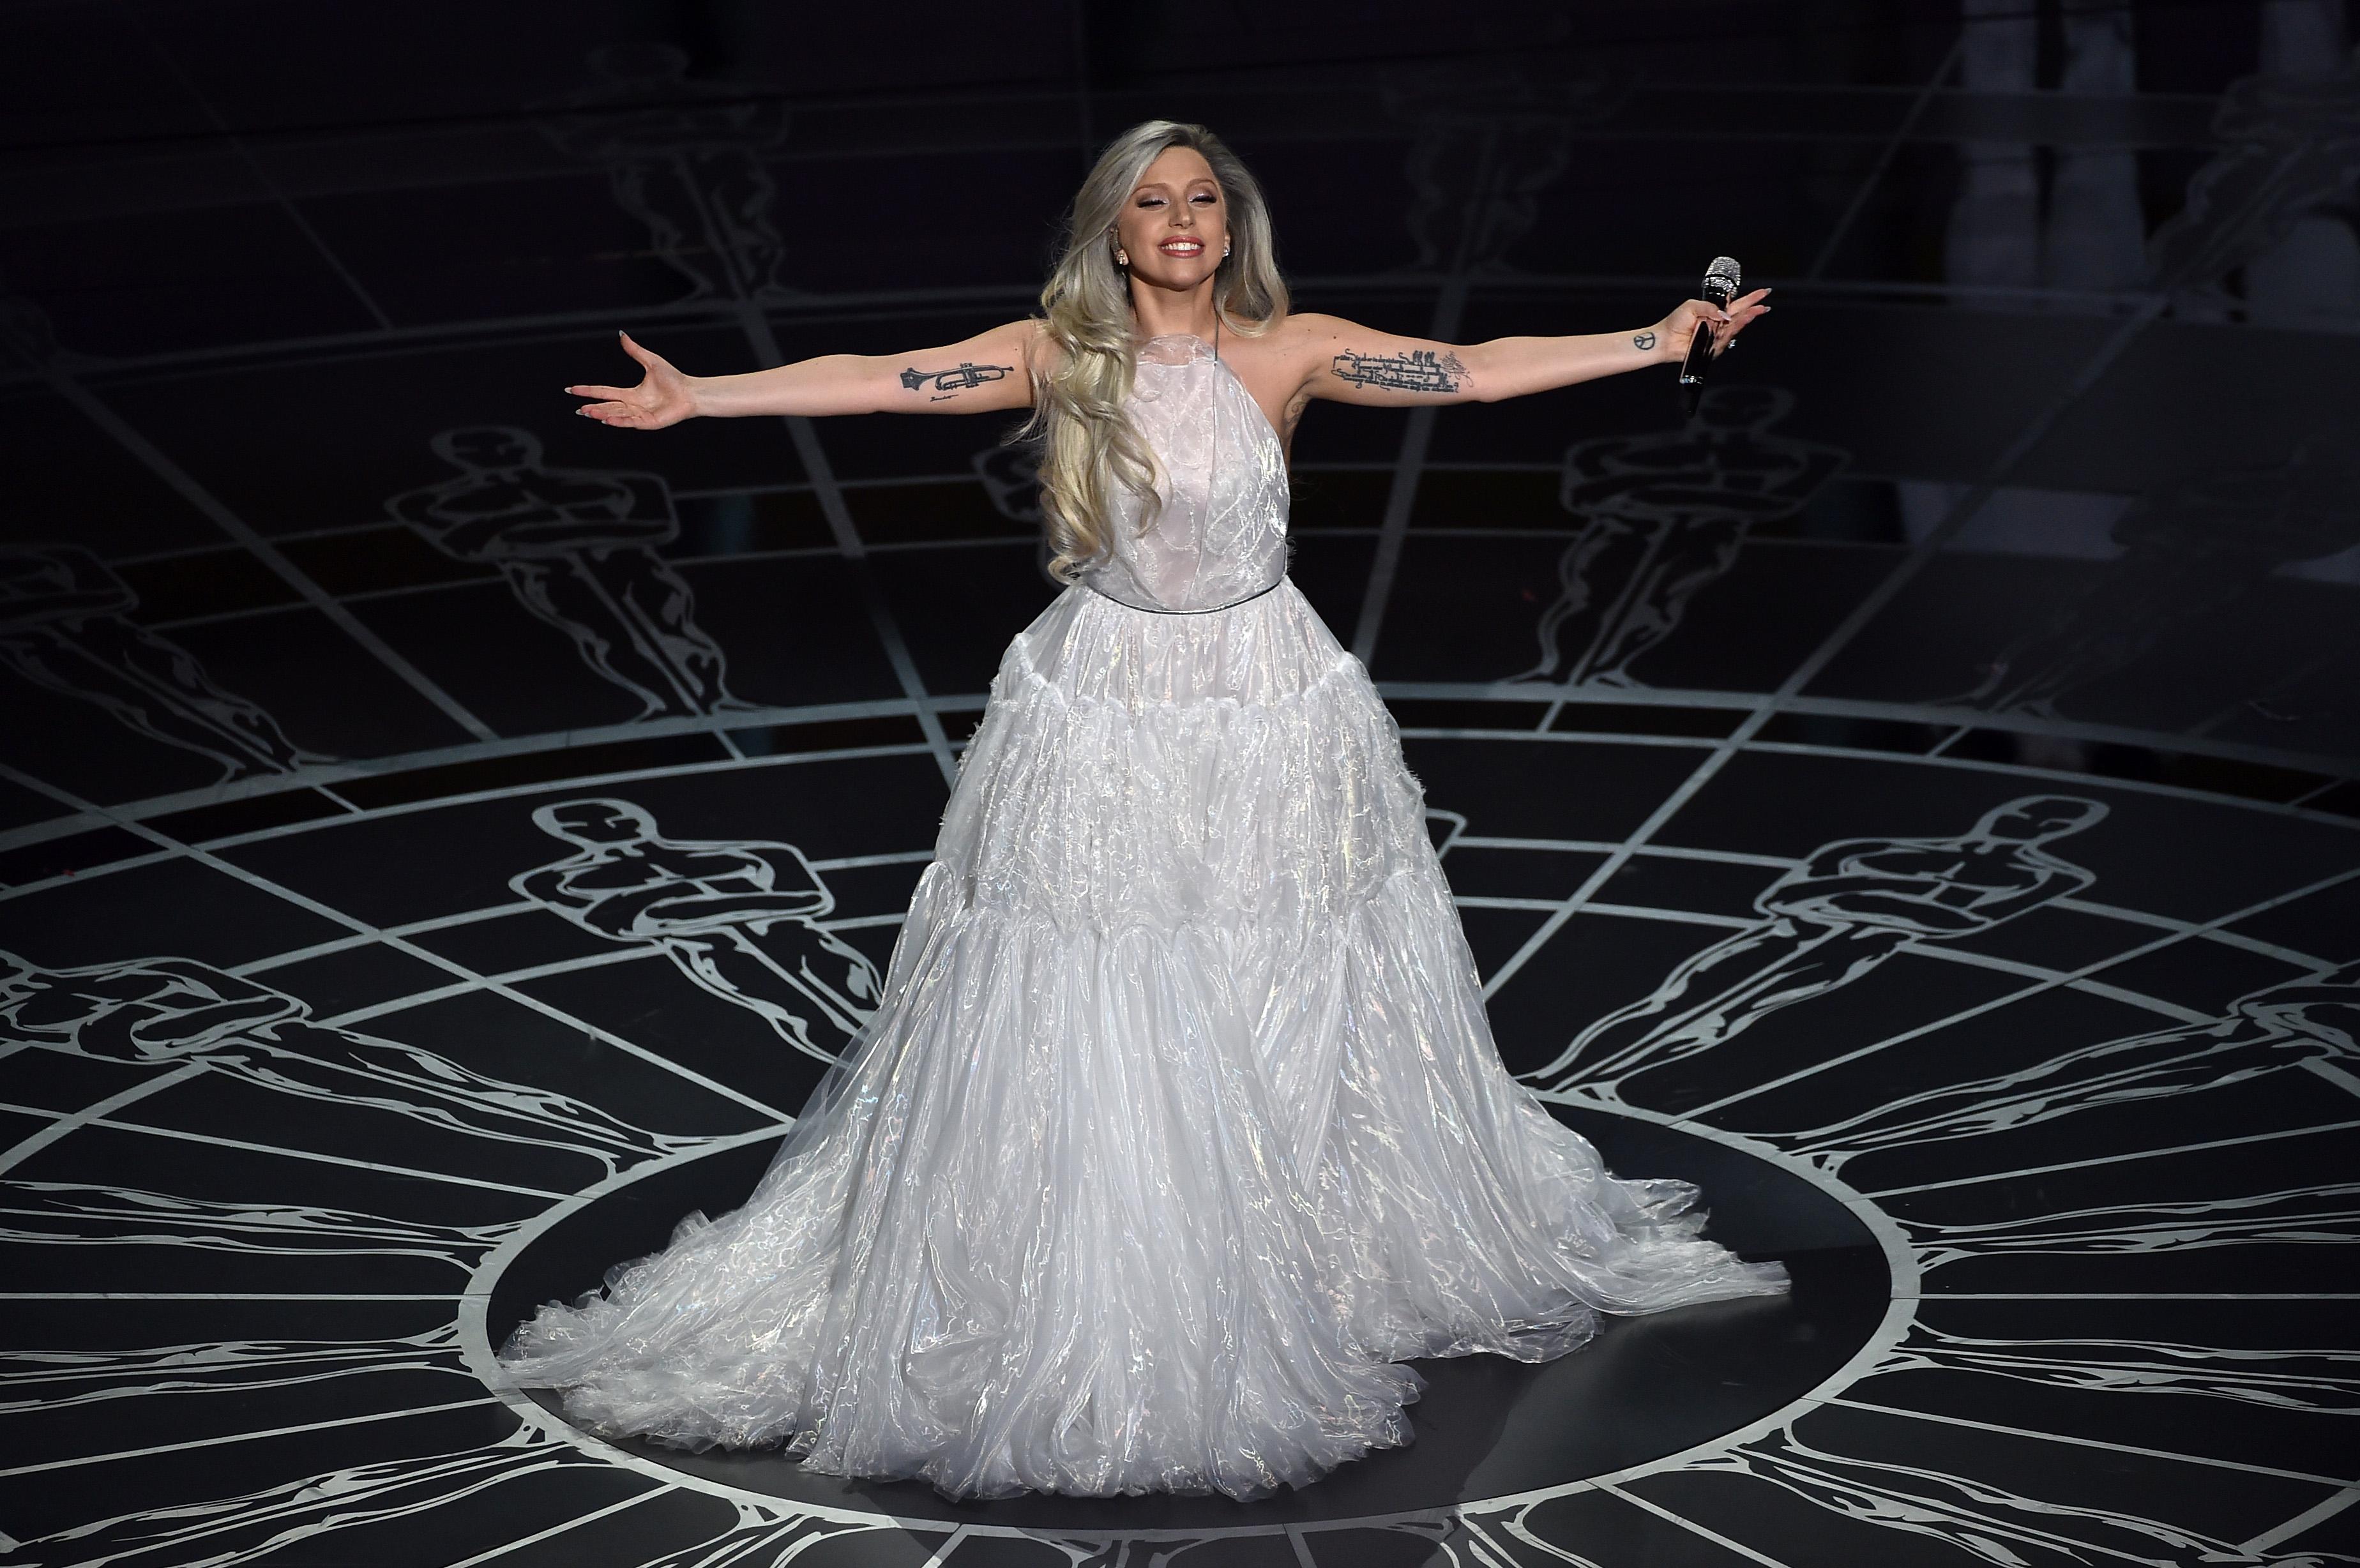 Lady Gaga tendrá el honor de cantar el himno nacional antes del Super Bowl de 2016. (Getty)